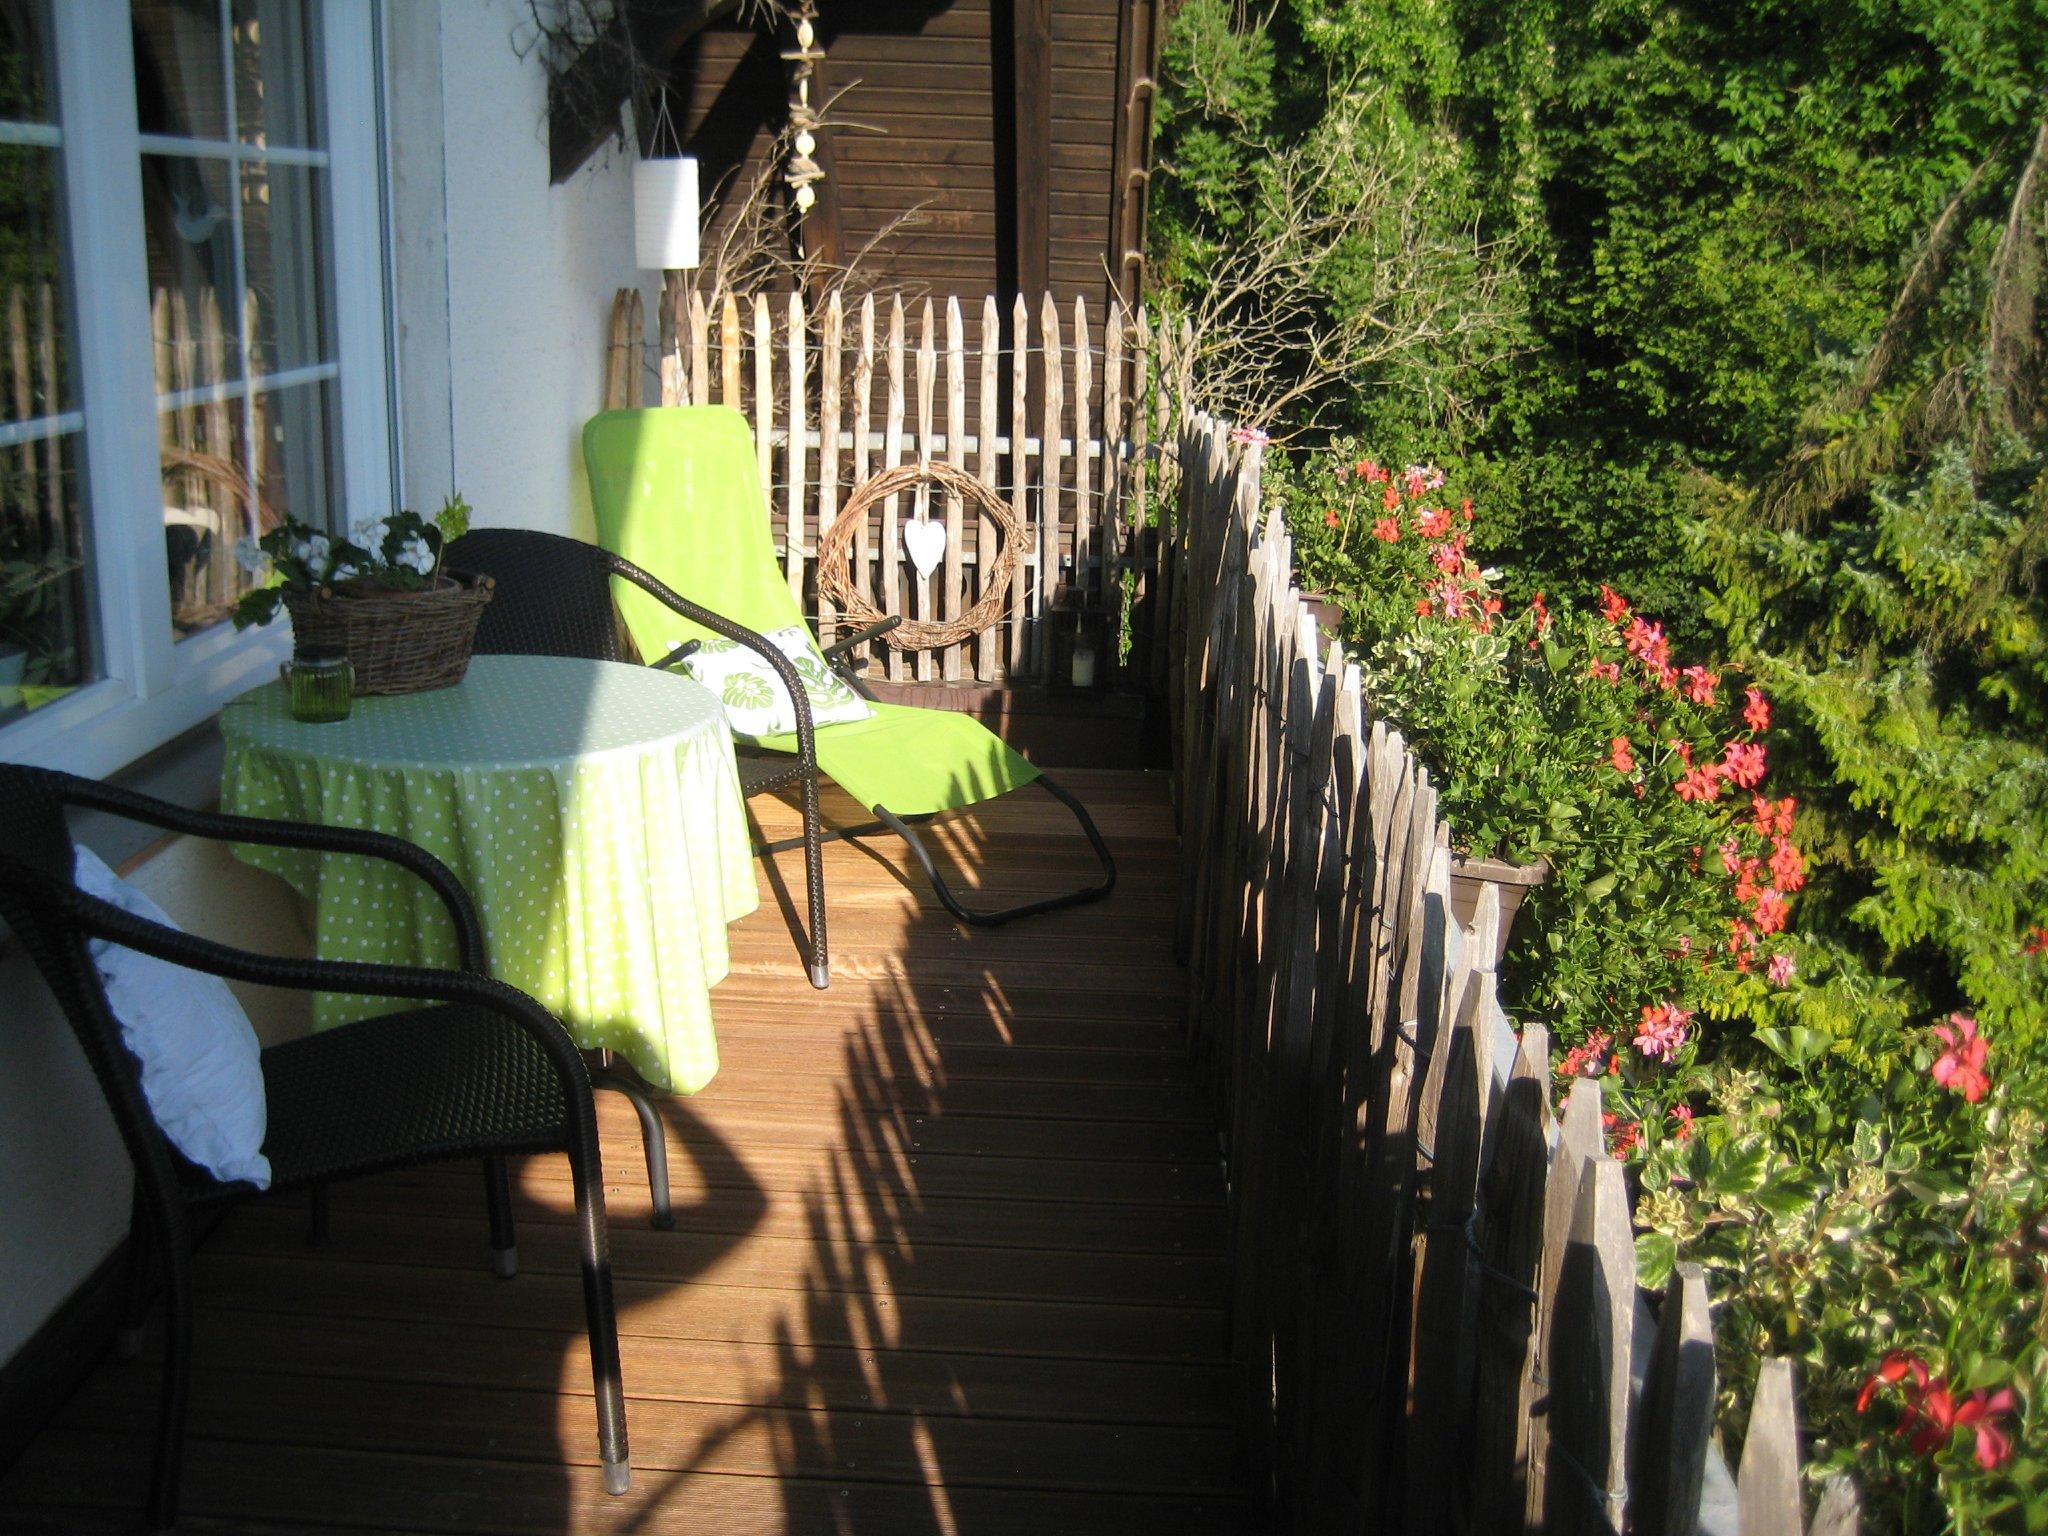 Wohnzimmer mit Ihrem eigenen Balkon